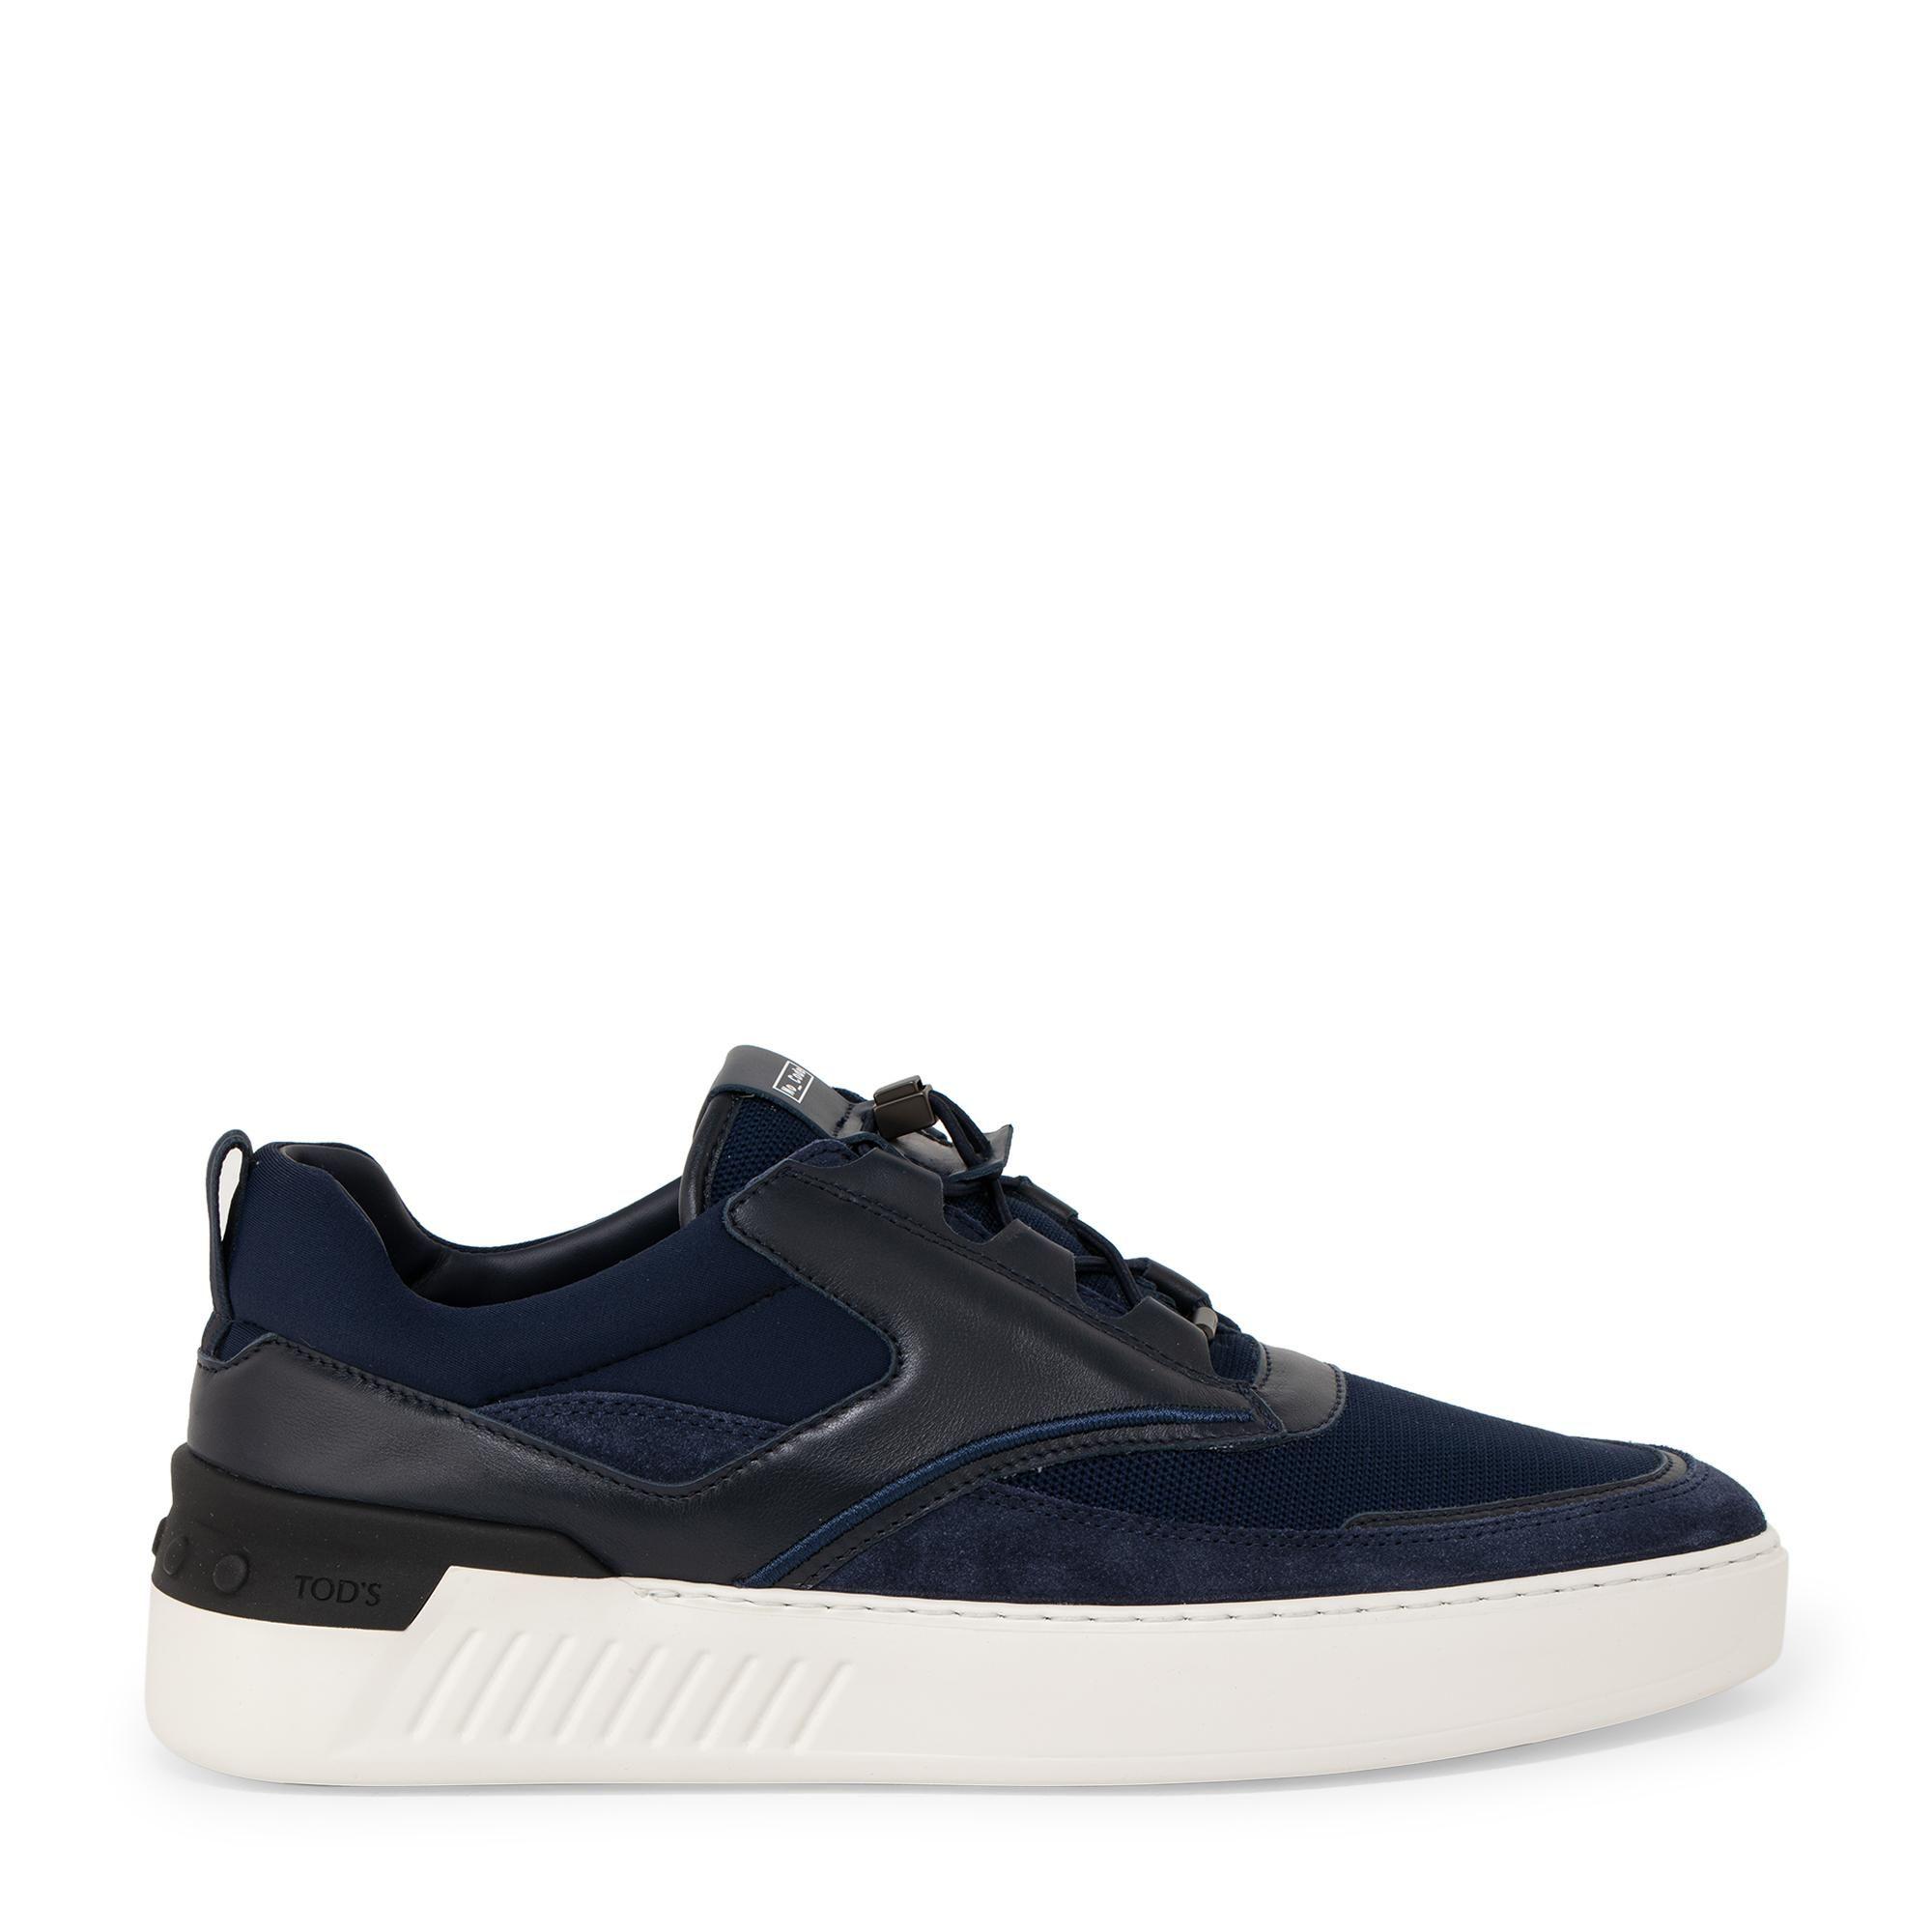 No_Code X sneakers